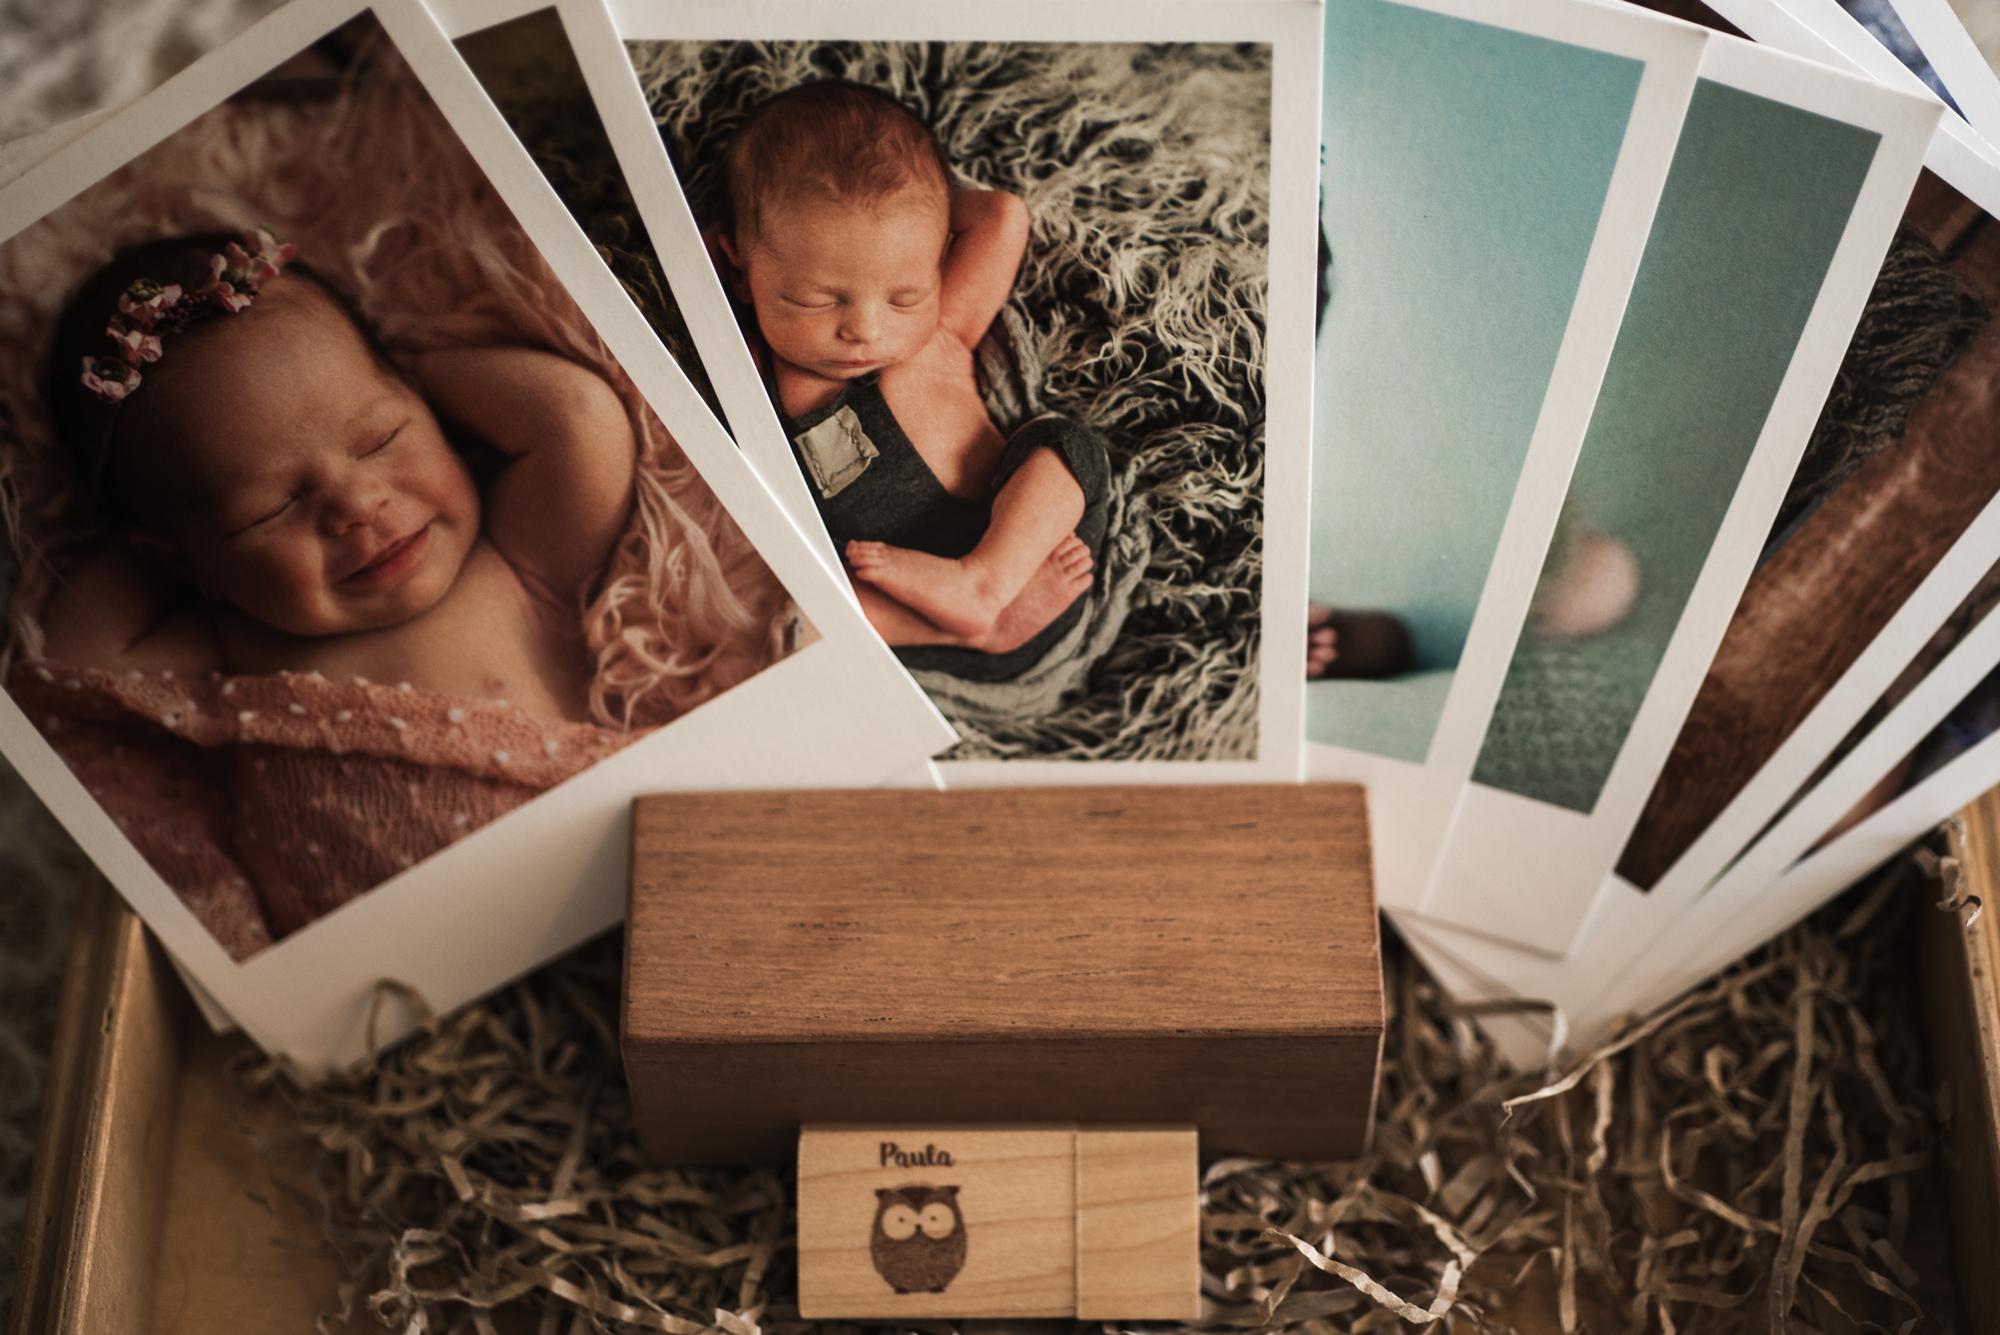 Taco de madera soporte de fotos formato polaroid en papel eucaliptus